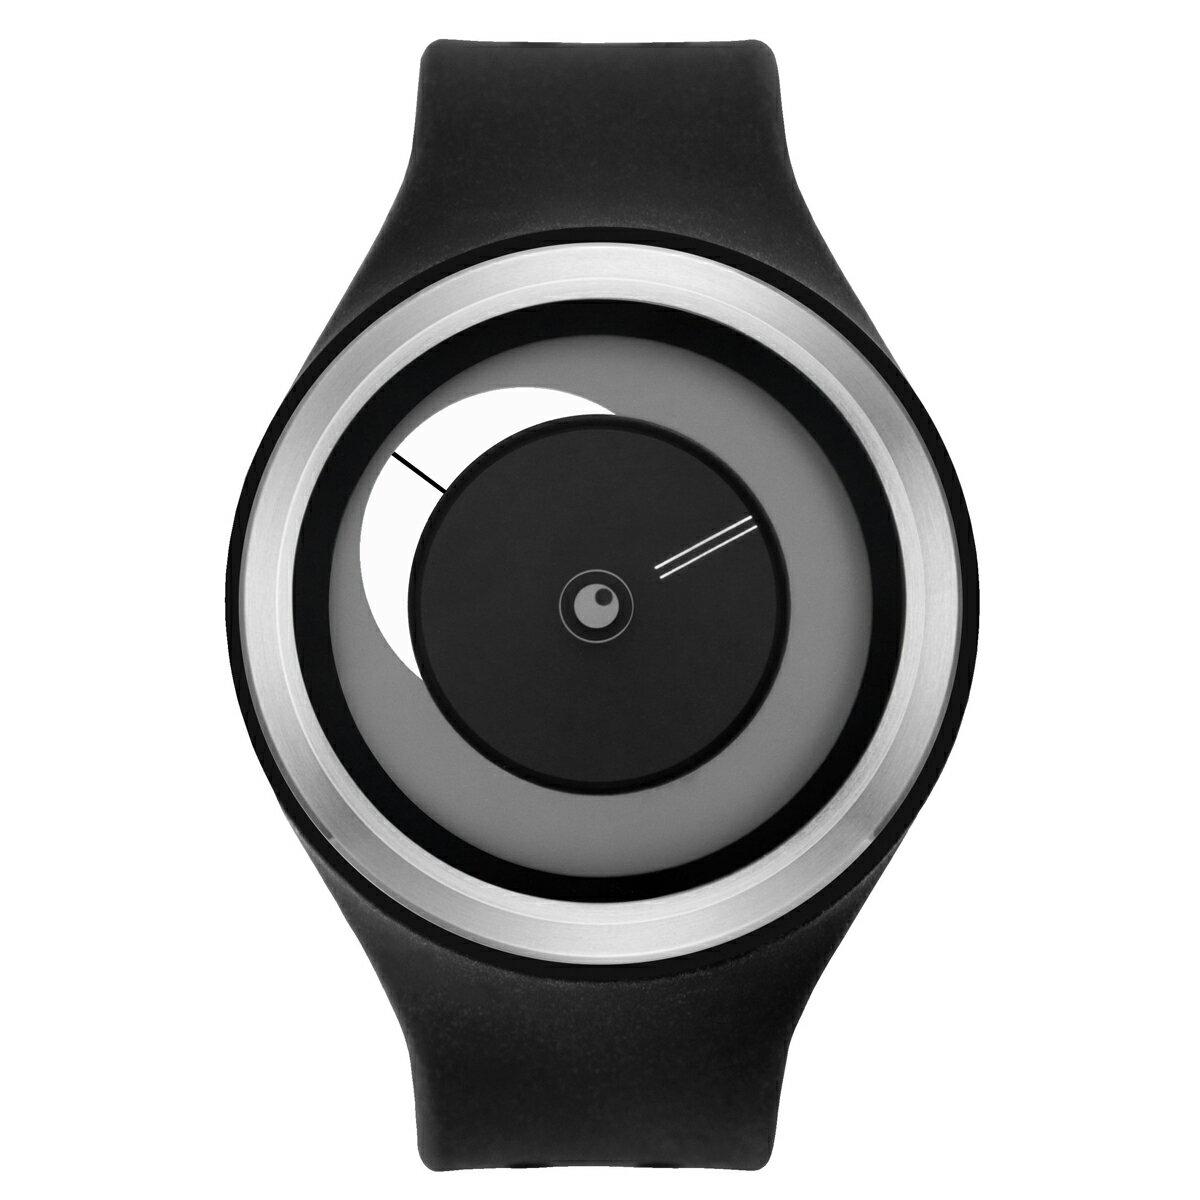 ZEROO CRESCENT MOON ゼロ 電池式クォーツ 腕時計 [W01102B01SR02] ブラック デザインウォッチ ペア用 メンズ レディース ユニセックス おしゃれ時計 デザイナーズ